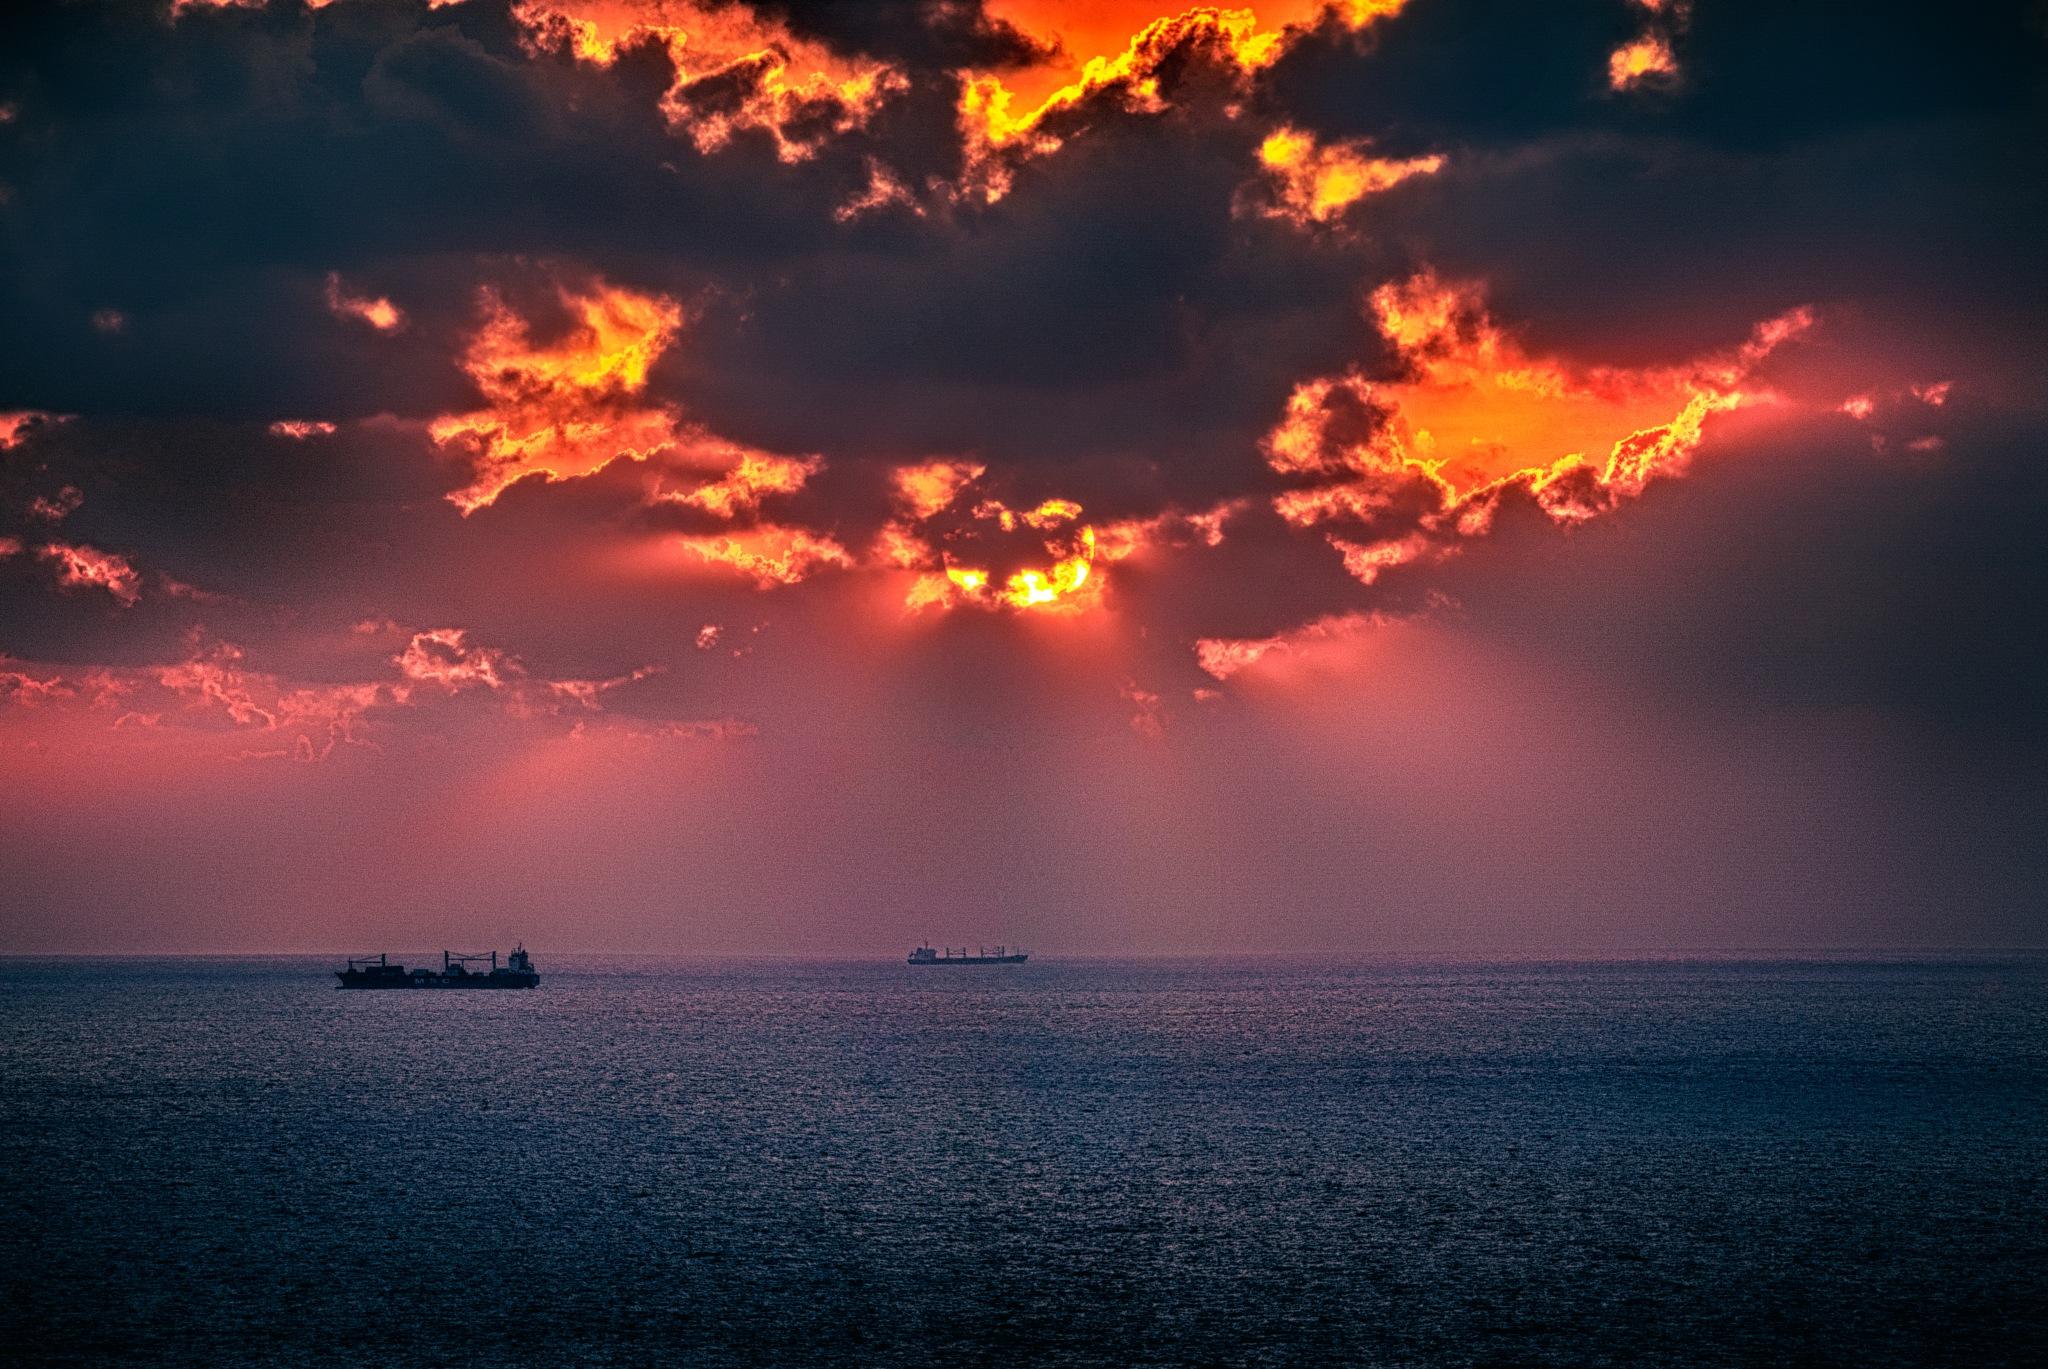 Sunset in Alex by Hisham Badran